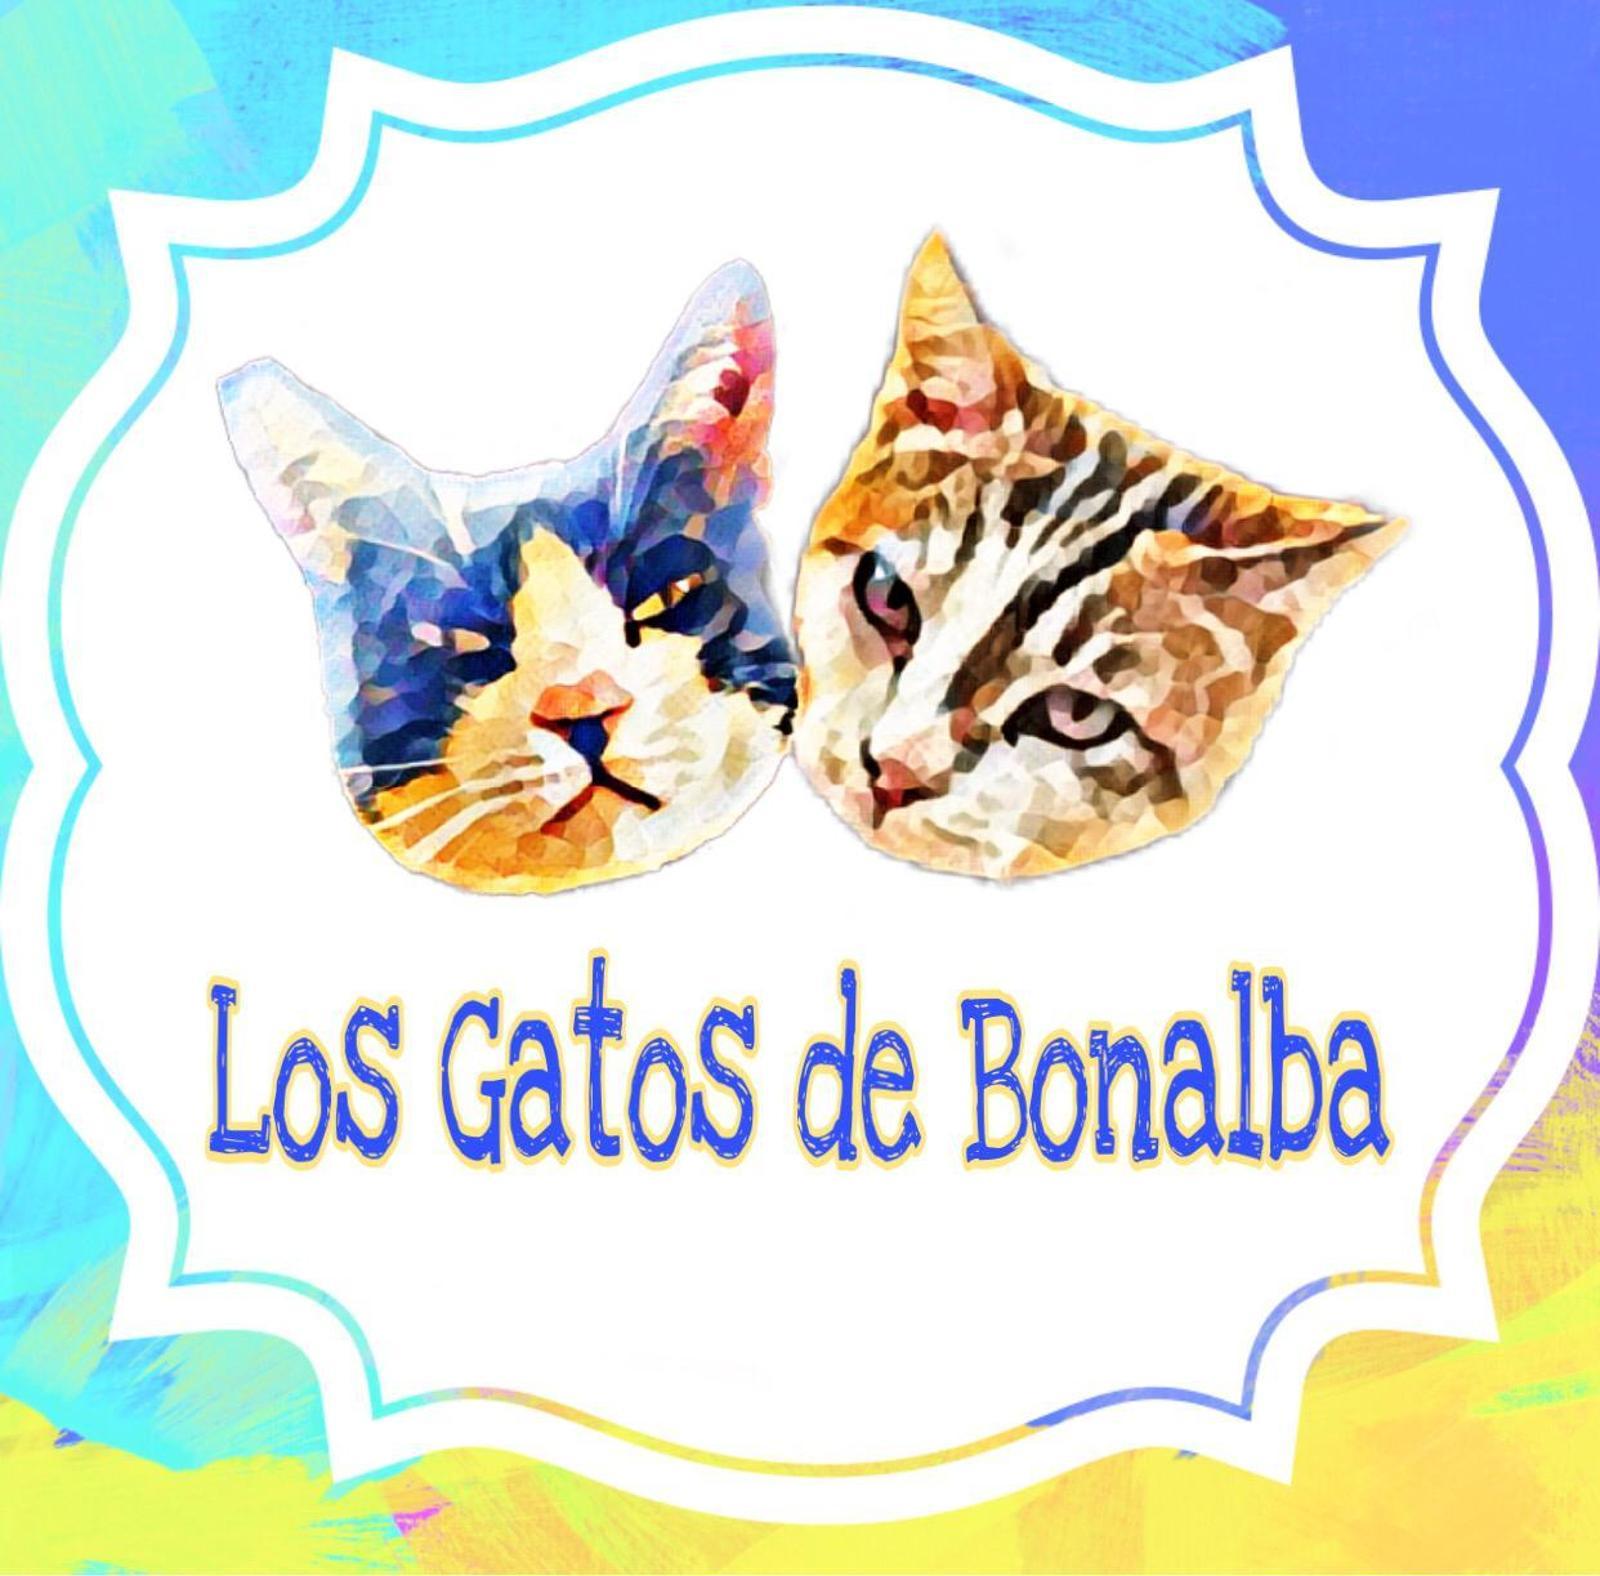 Los Gatos de Bonalba